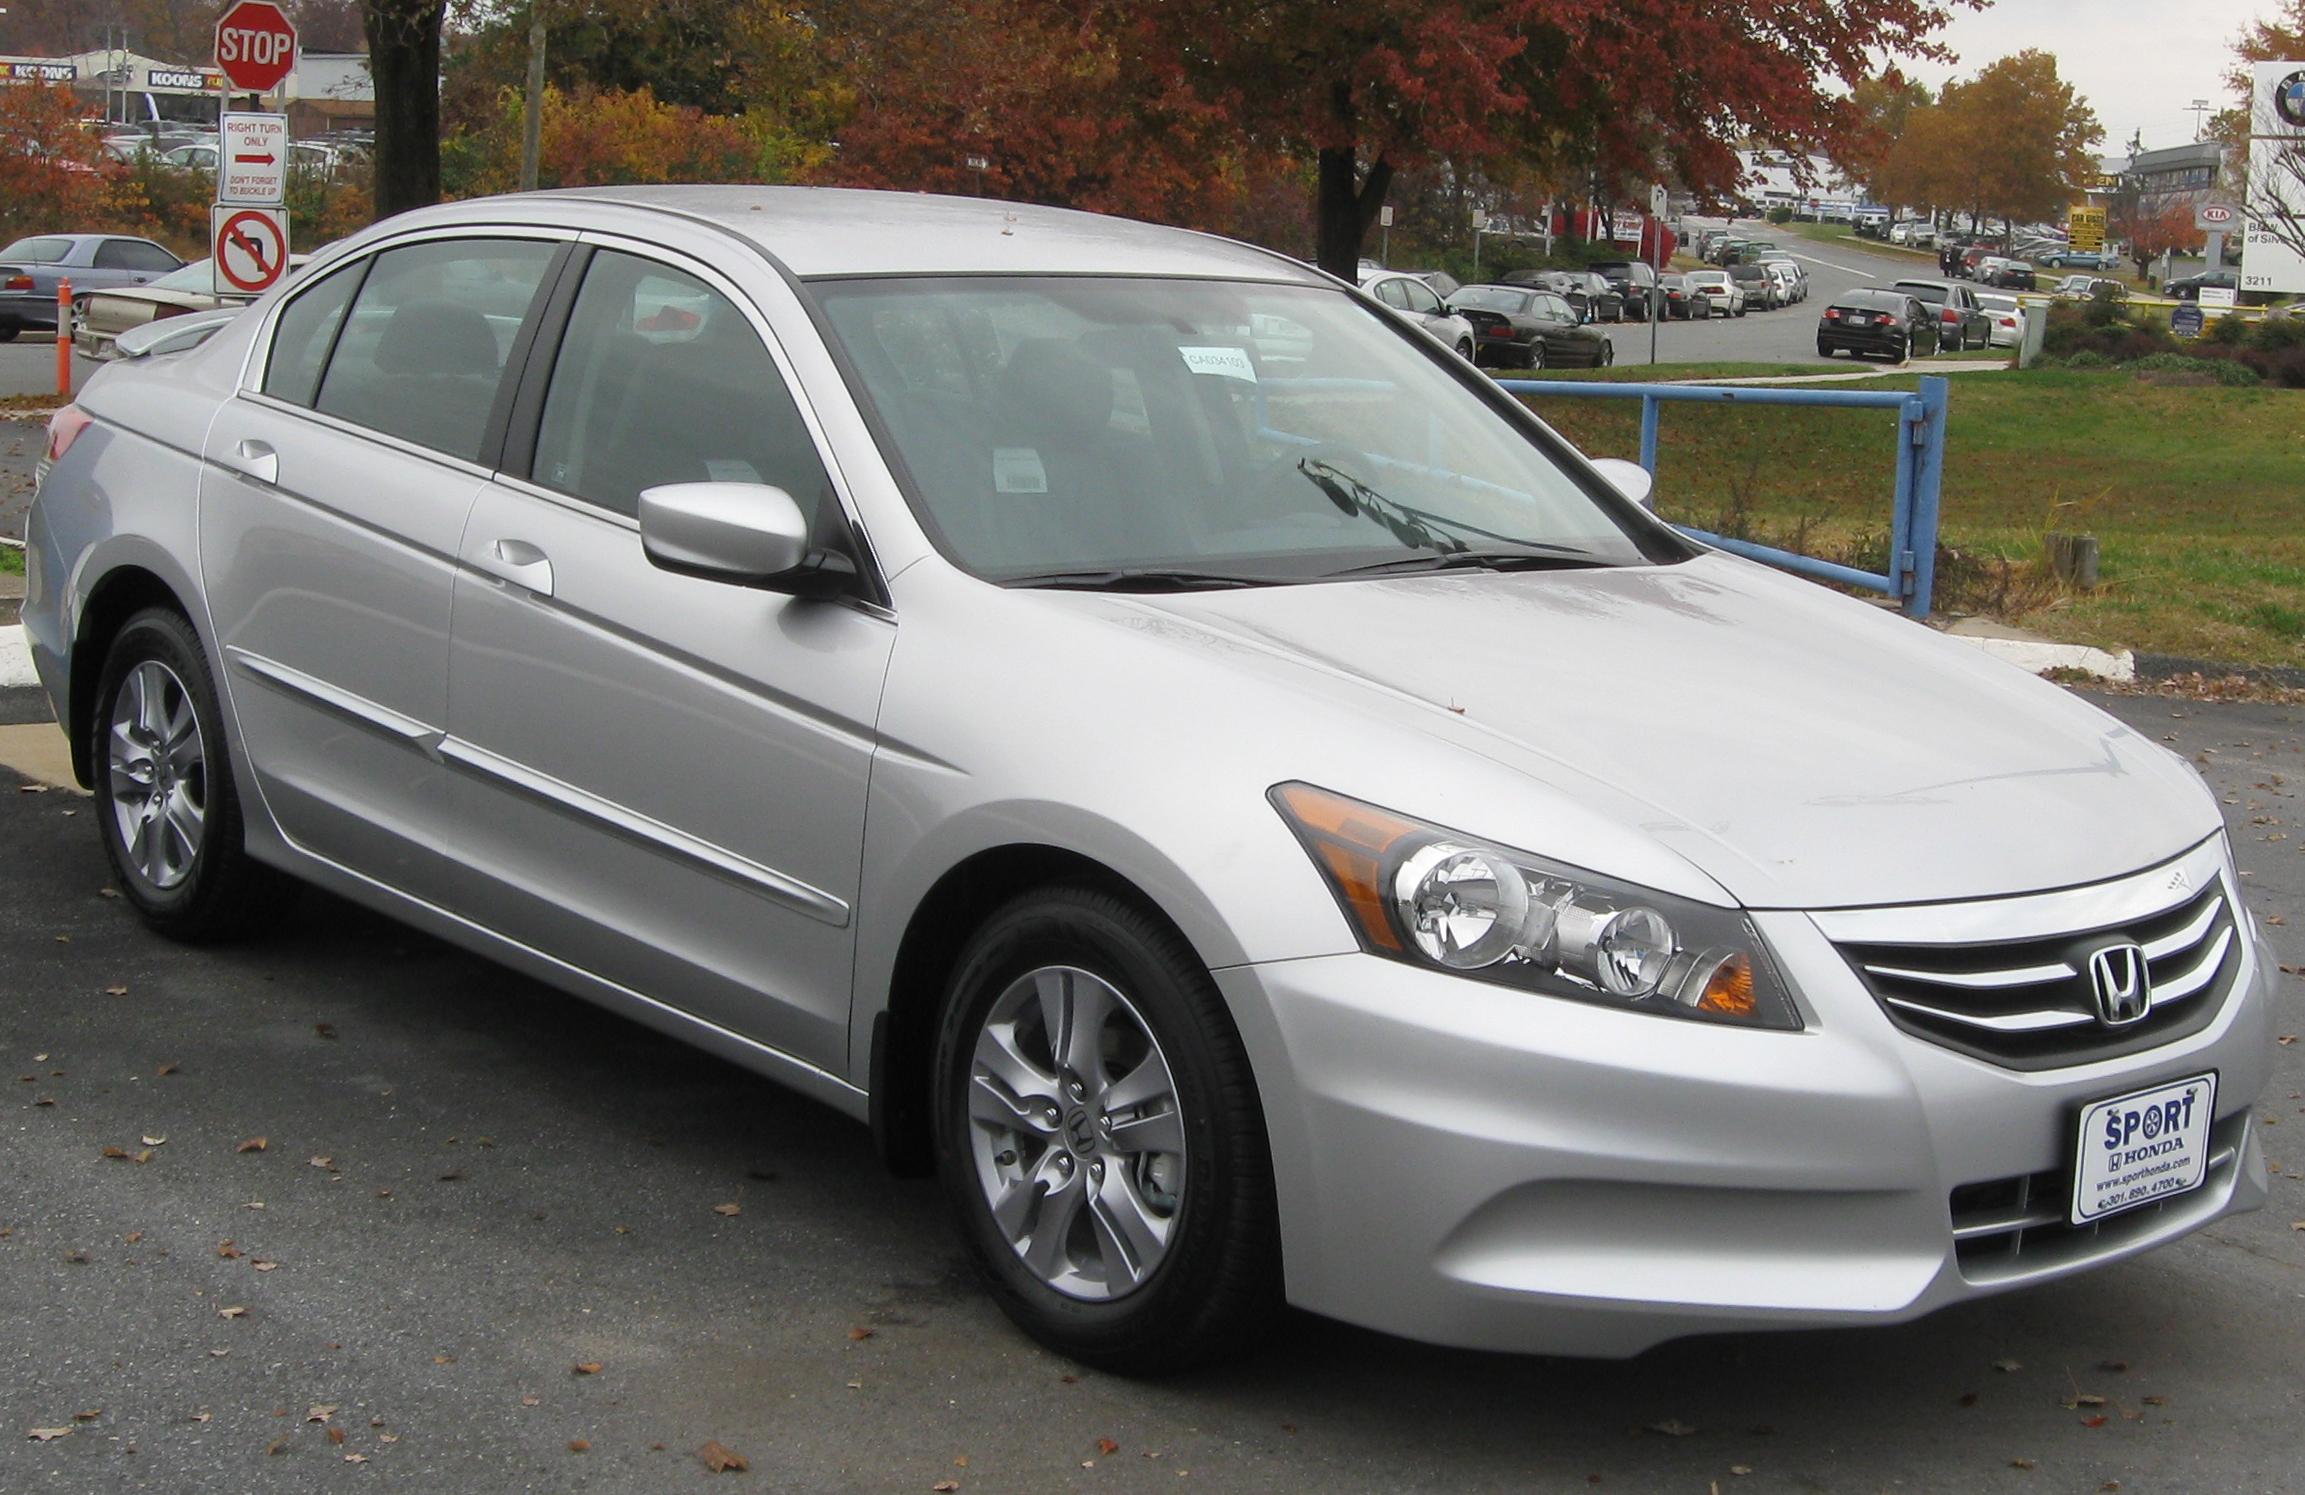 2012 Honda Accord Image 18